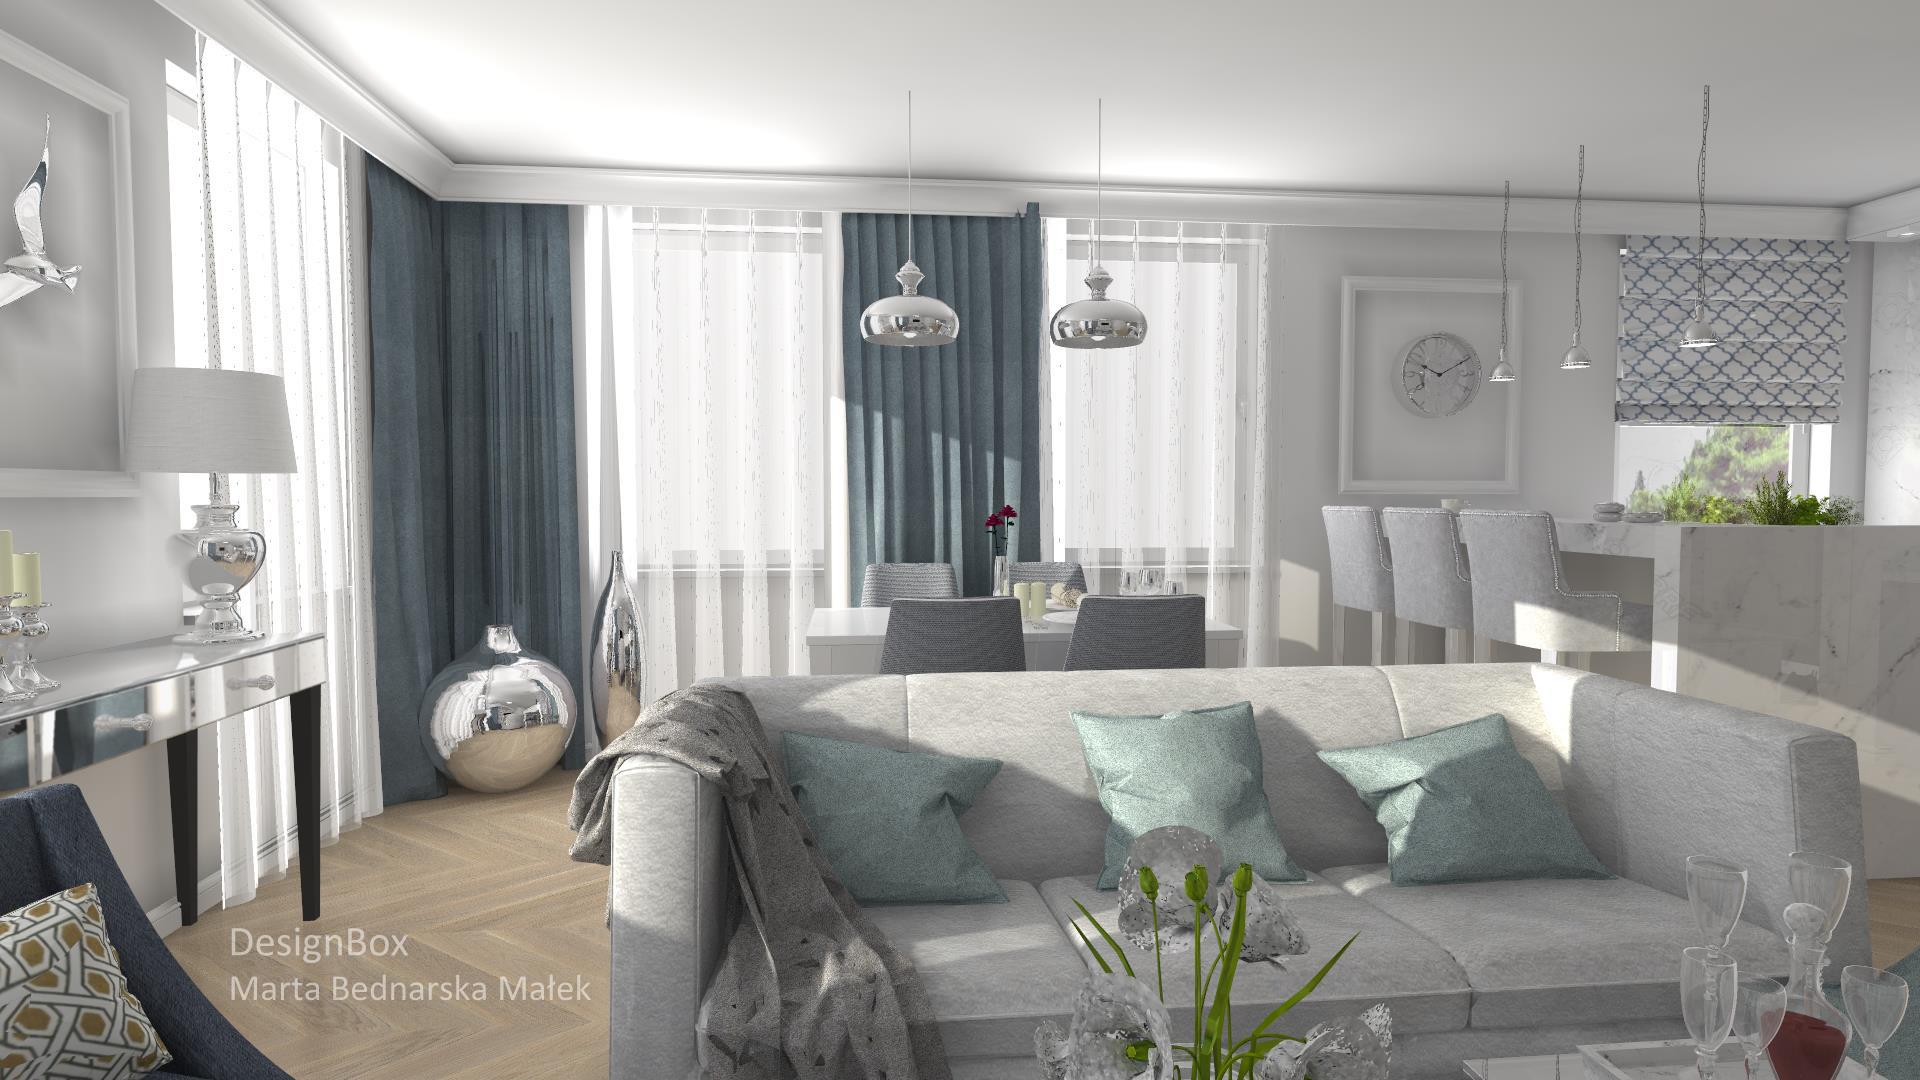 Marta_Bednarska_Małek_Designbox_projektowanie_wnętrz_lubin_legnica_głogów_wrocław_5